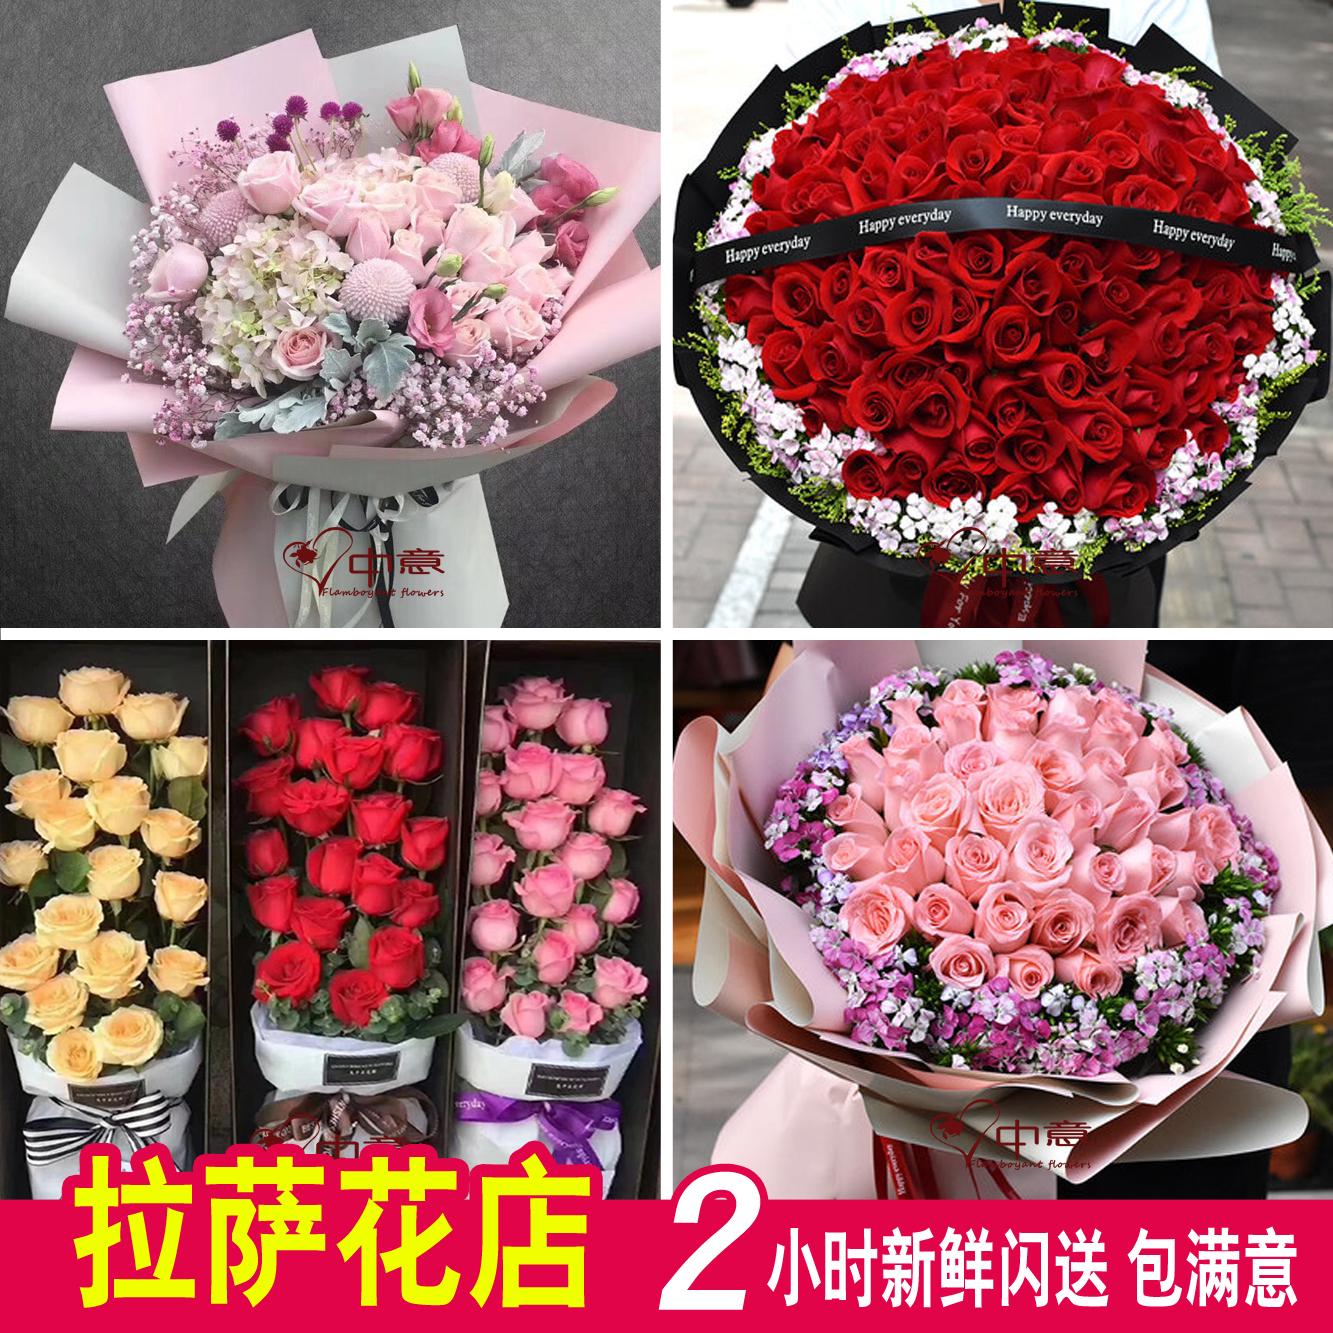 西藏拉萨城关区鲜花速递同城花店红玫瑰山南市情人生日送花